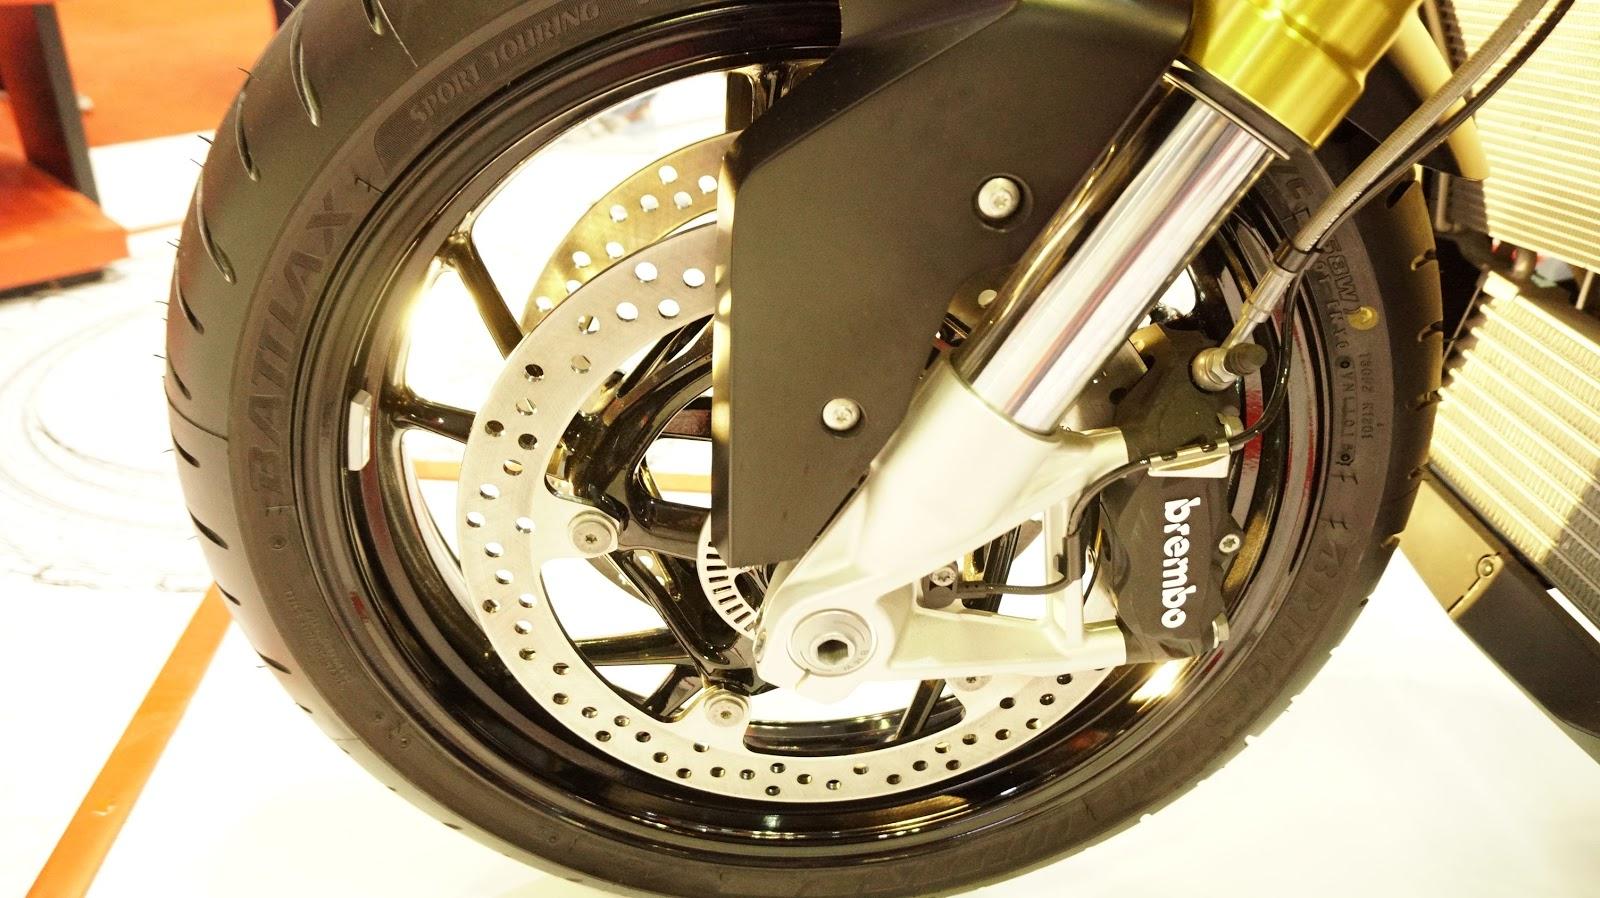 Xe sử dụng hai đĩa phanh kèm hệ thống phanh ABS, phuộc hành trình đến 150 mm.